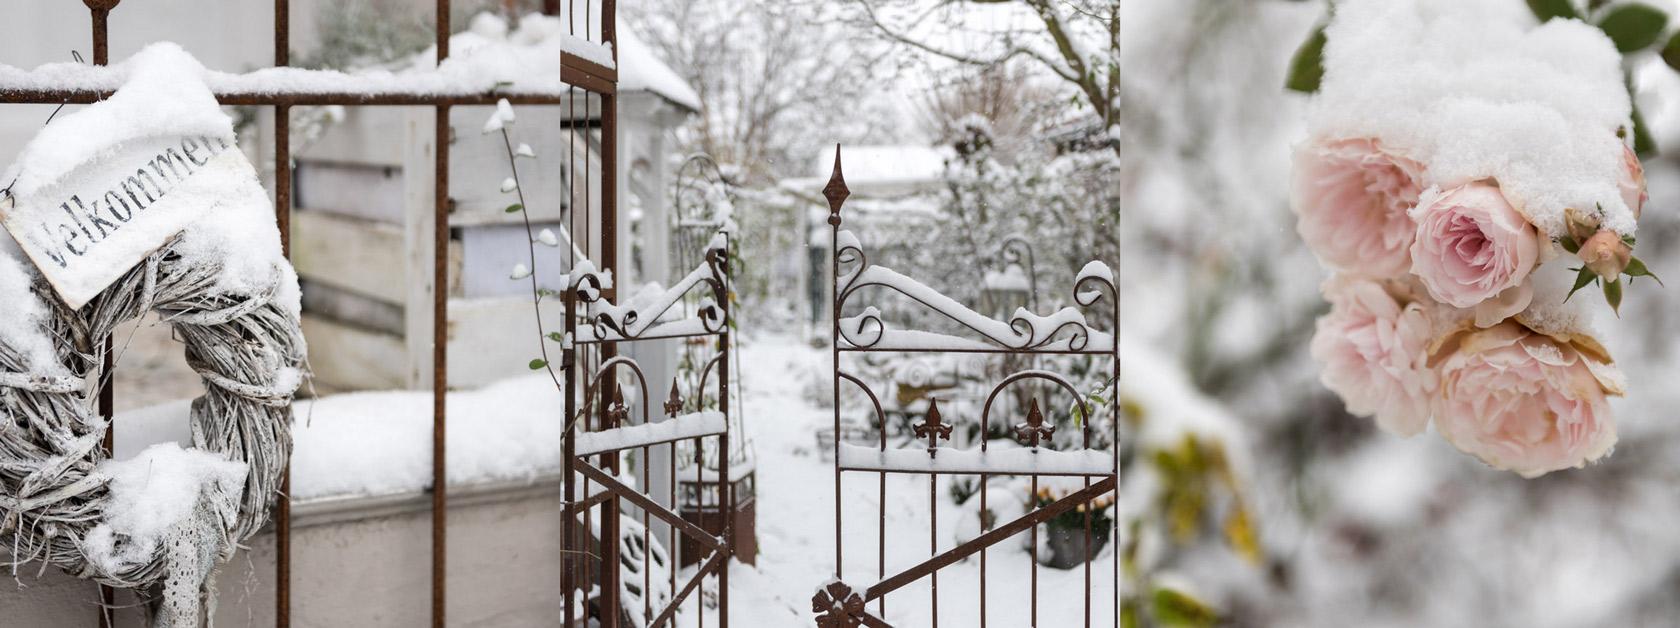 Mein Garten Im Winter Gaaanz Viel Schnee In Gundis Garden